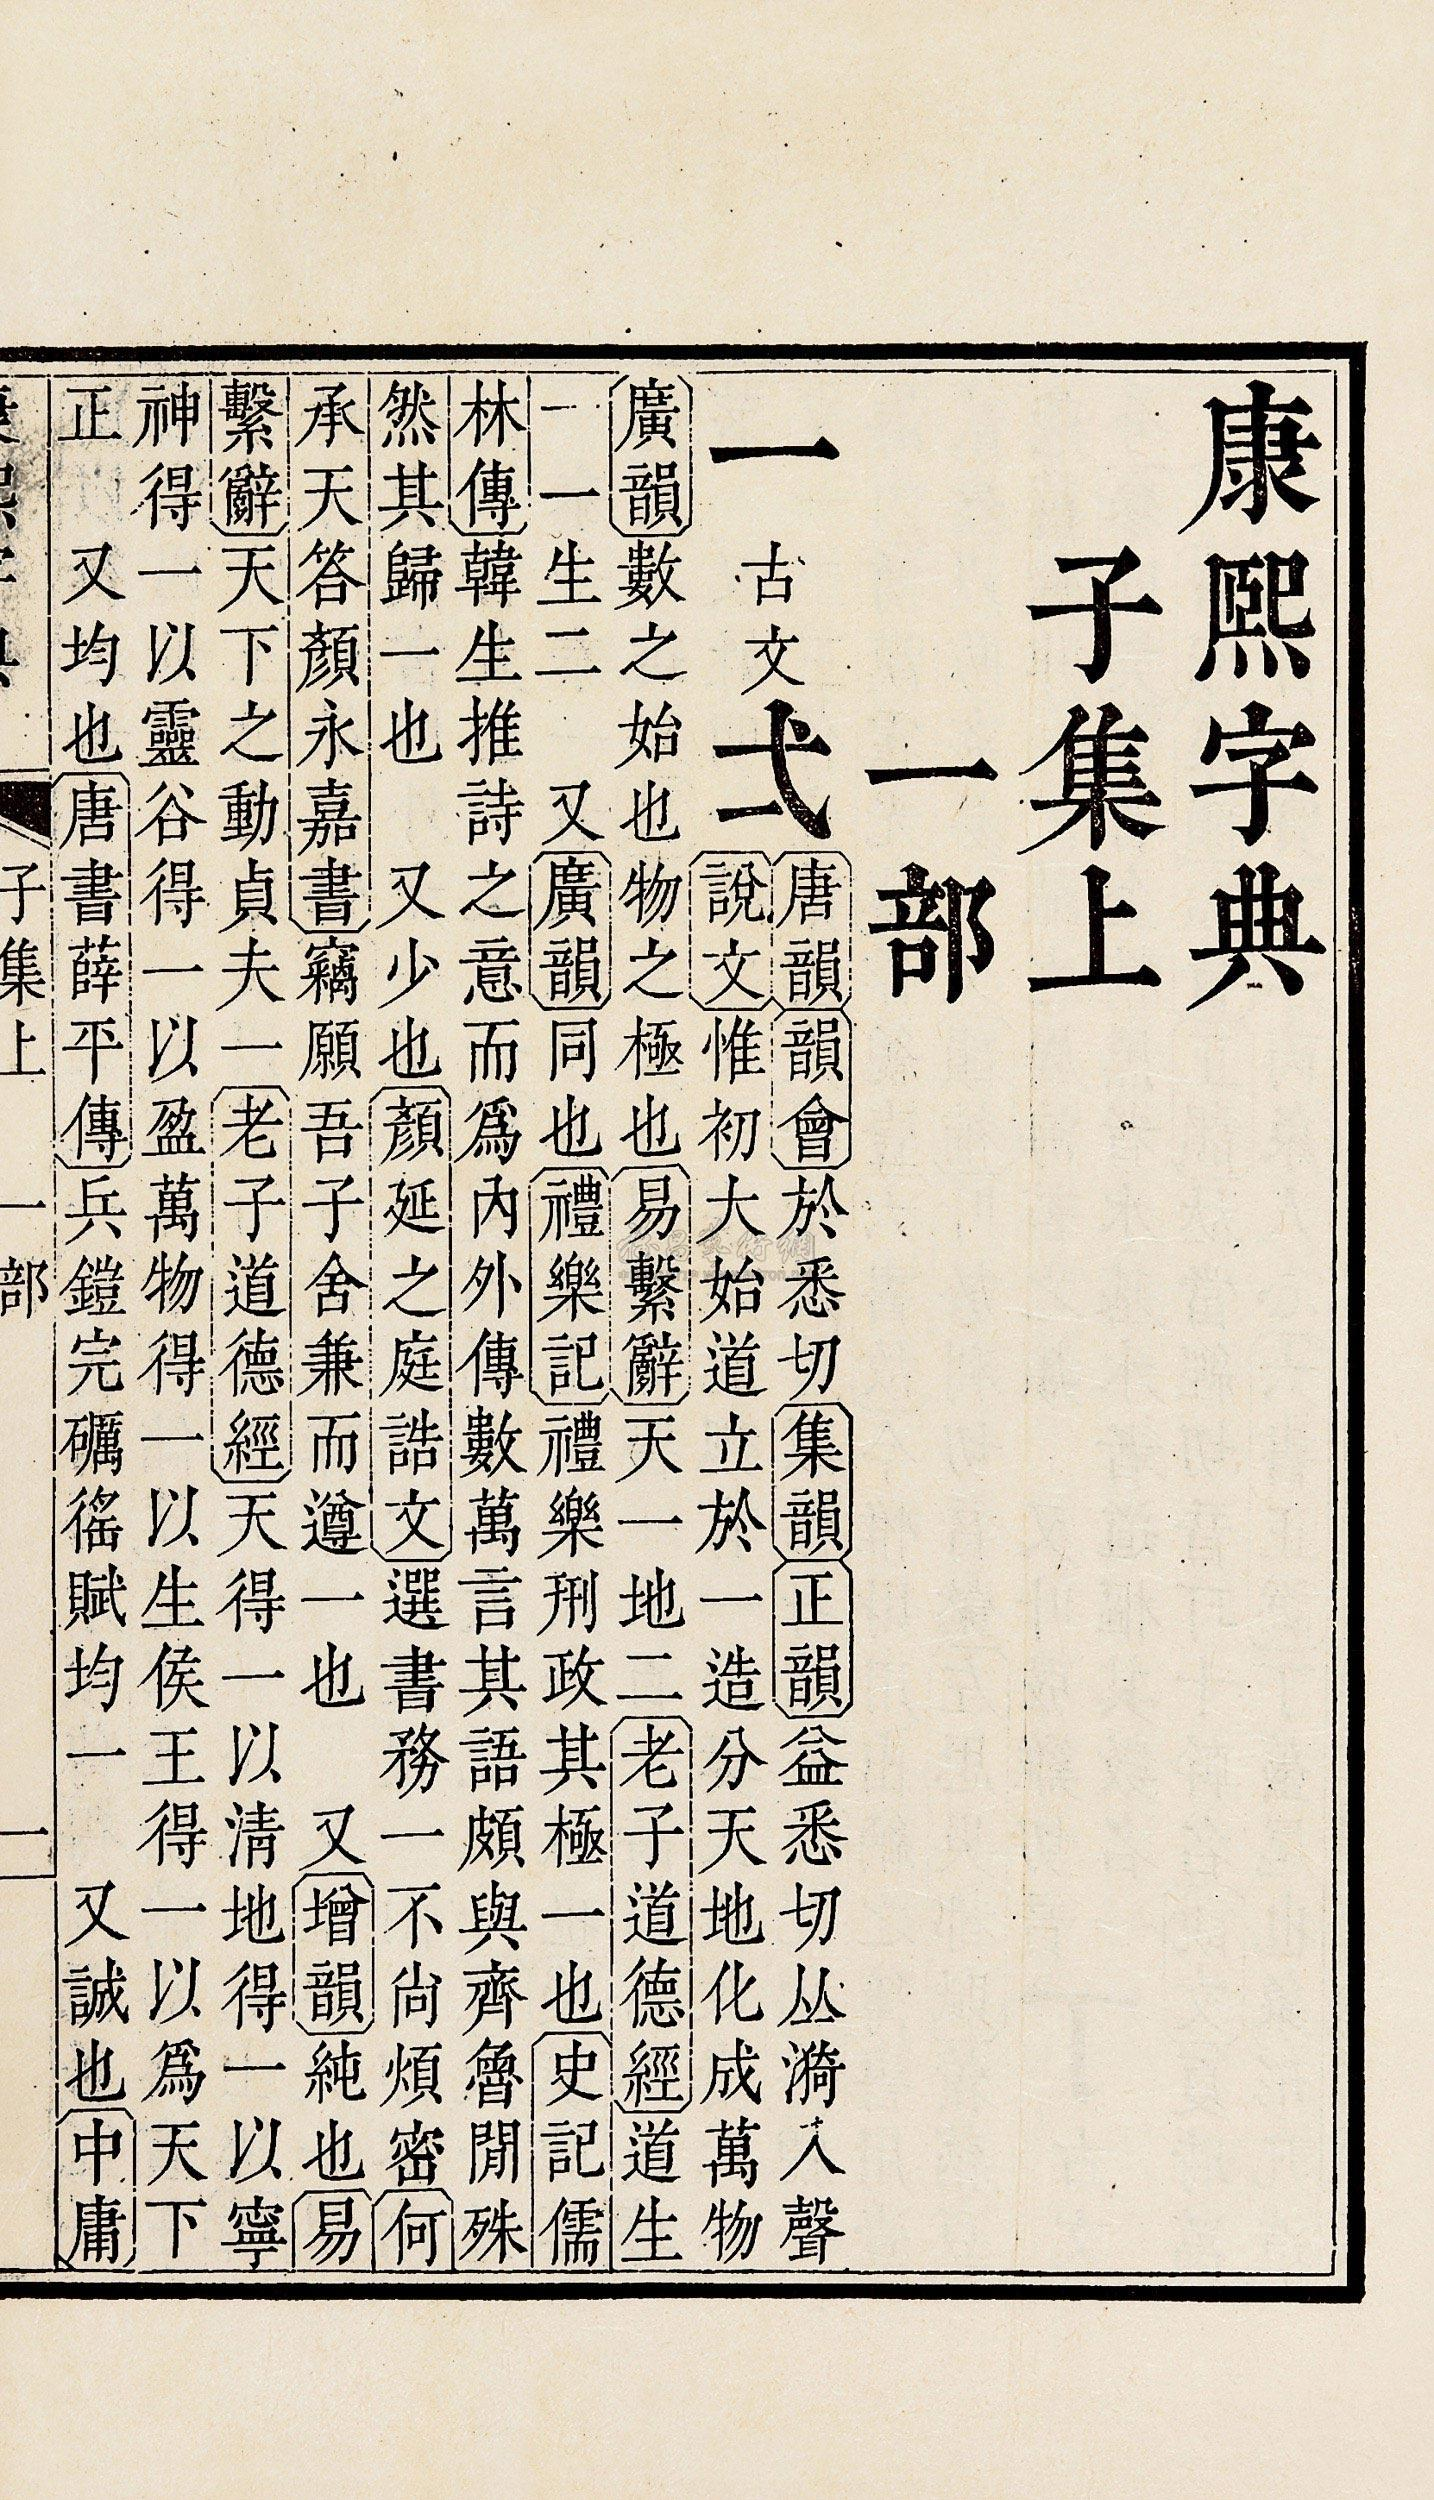 康熙字典取名